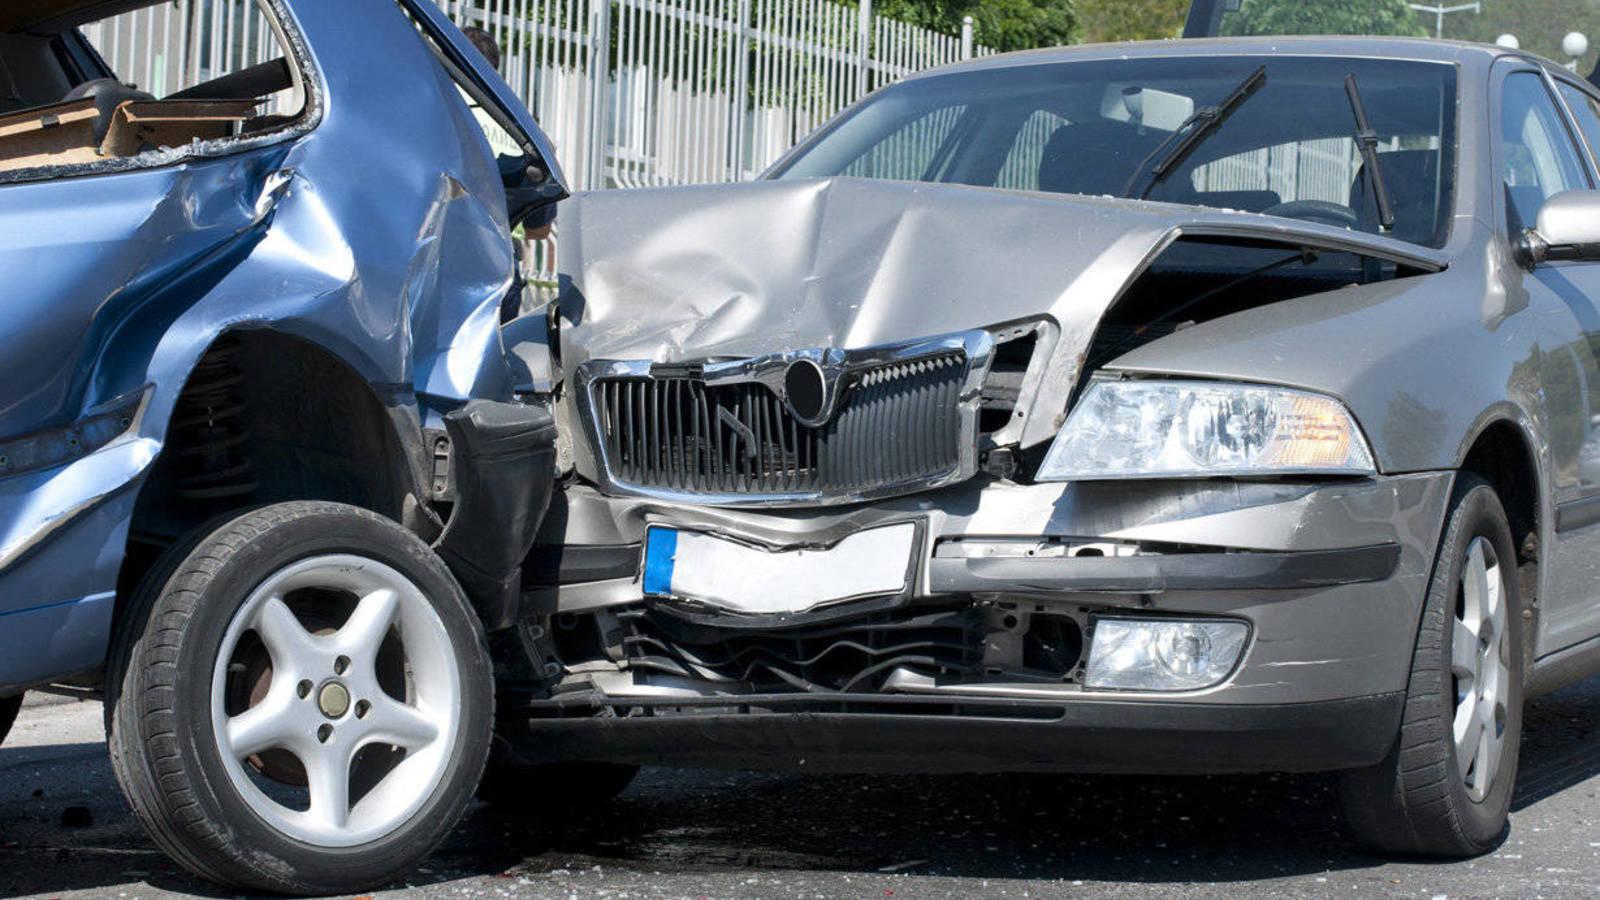 Catorce muertos en las carreteras en el fin de semana